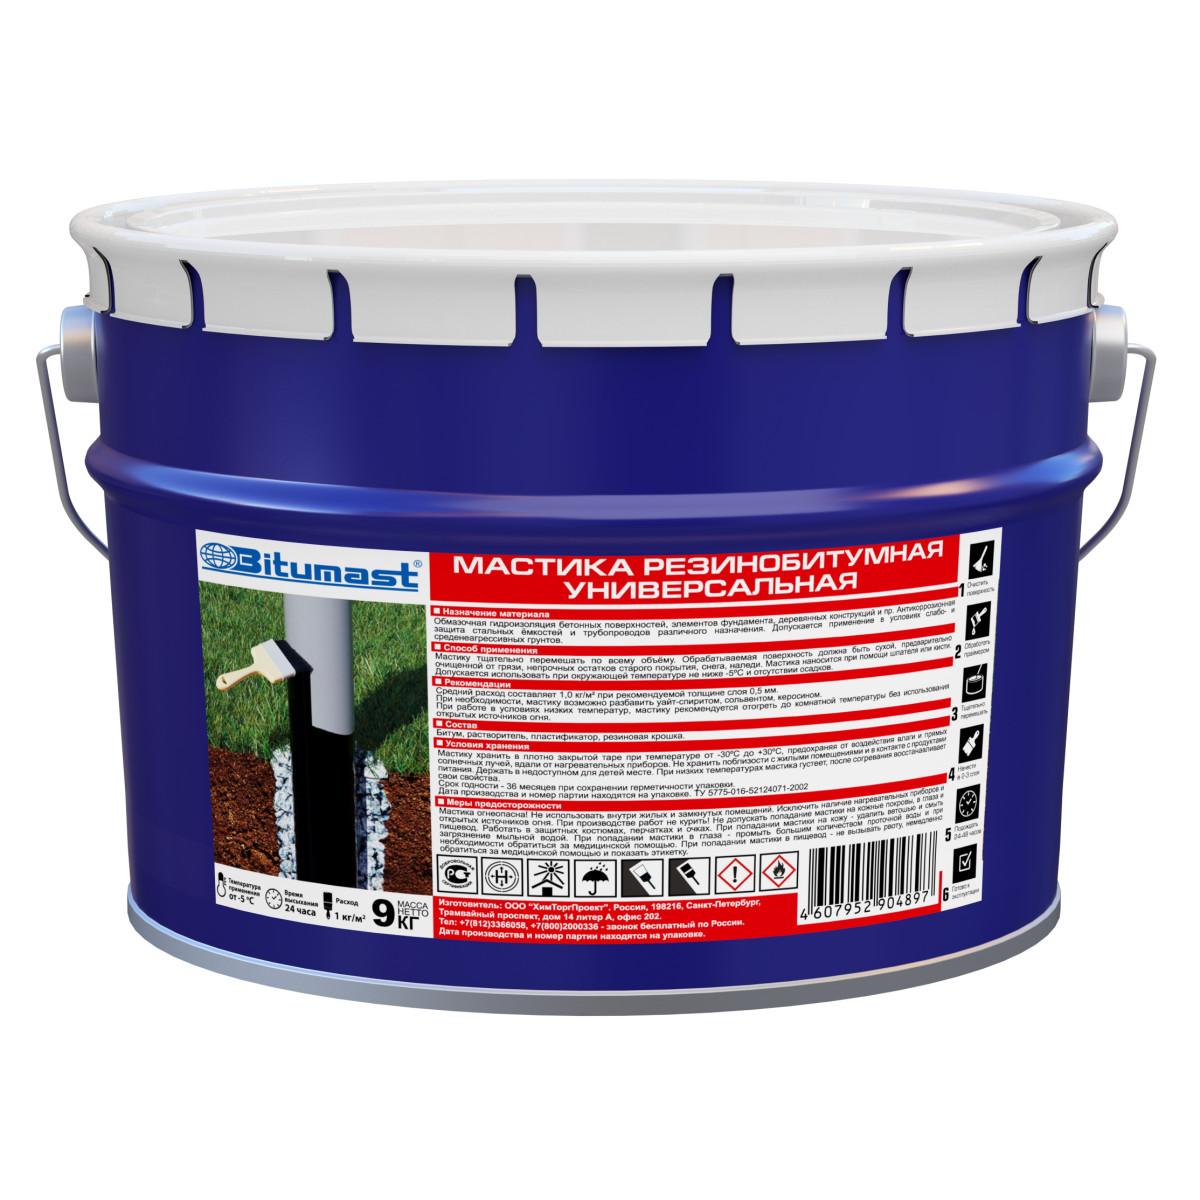 Мастика битумно-резиновая универсальная 9 кг